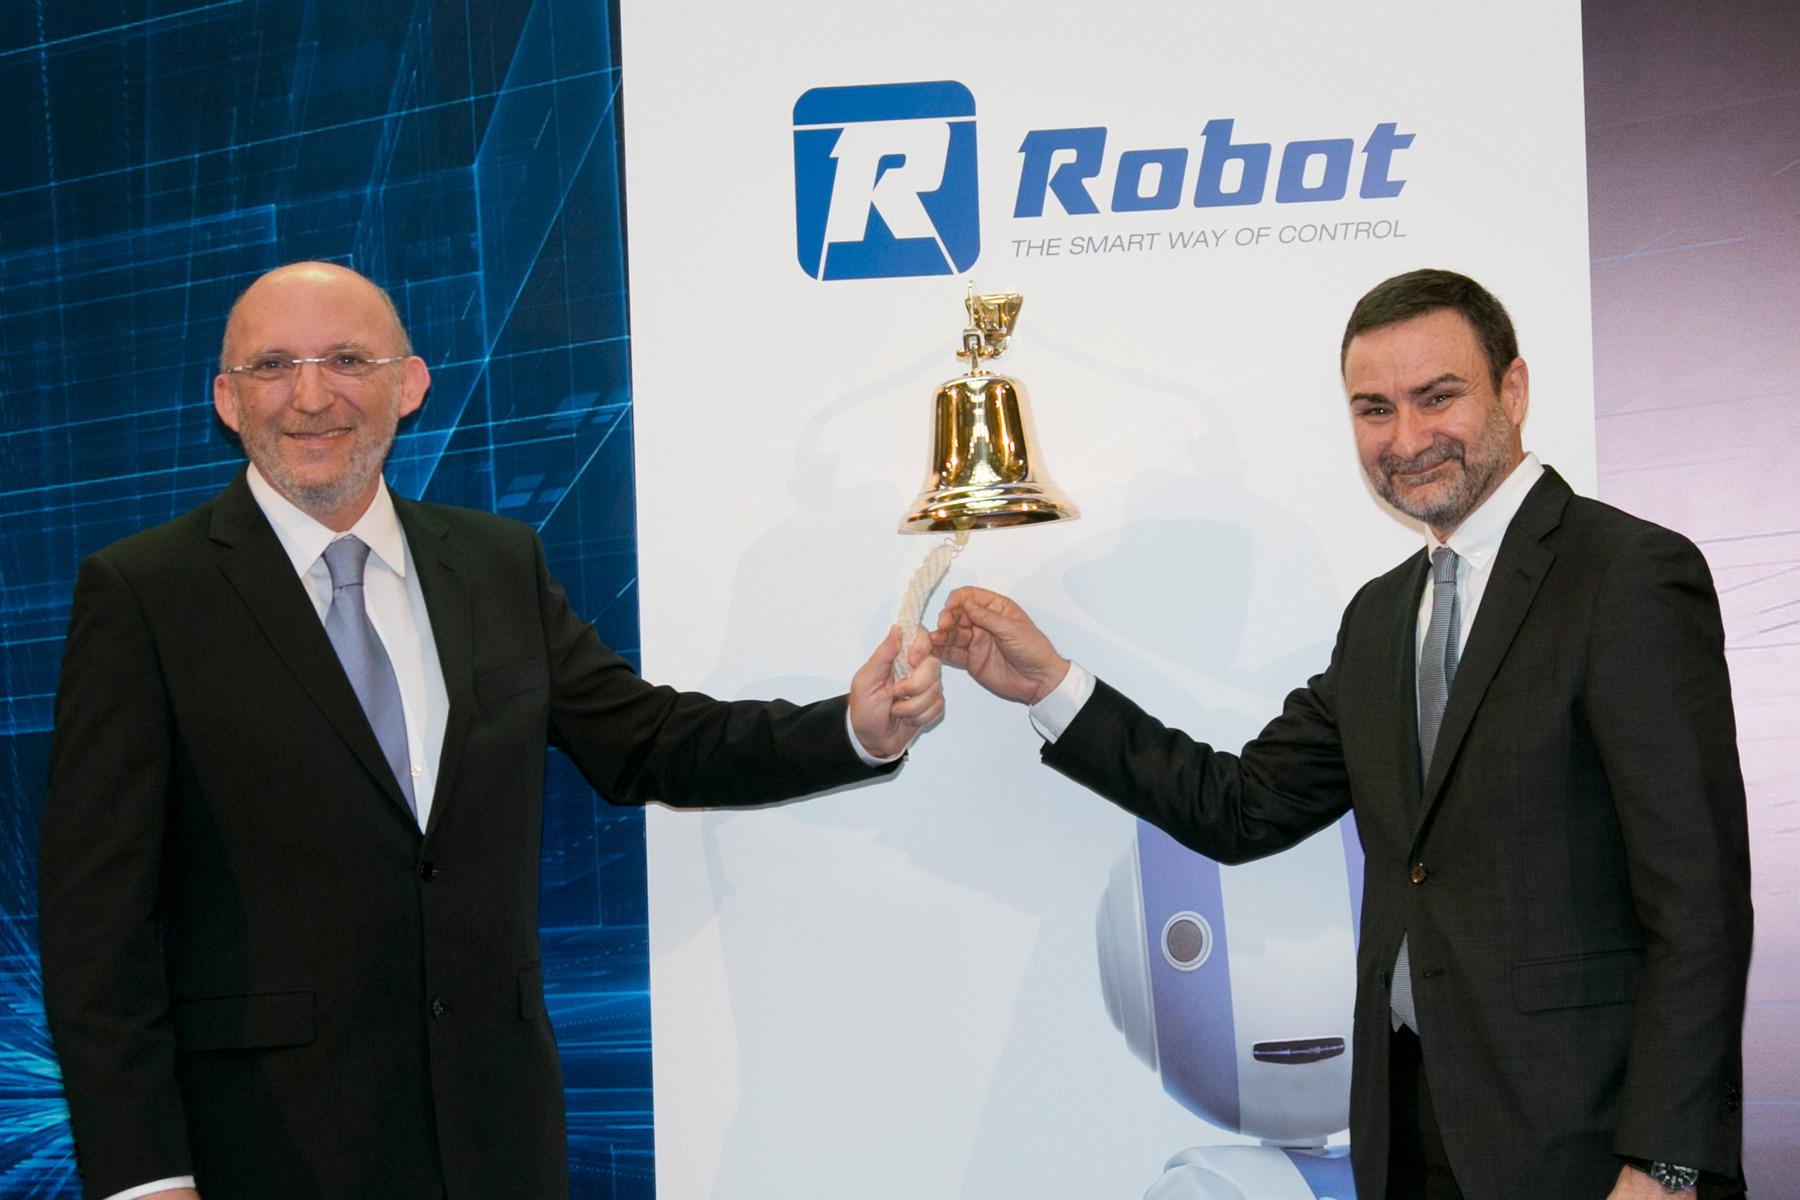 Robot cumple su primer año en el MaB